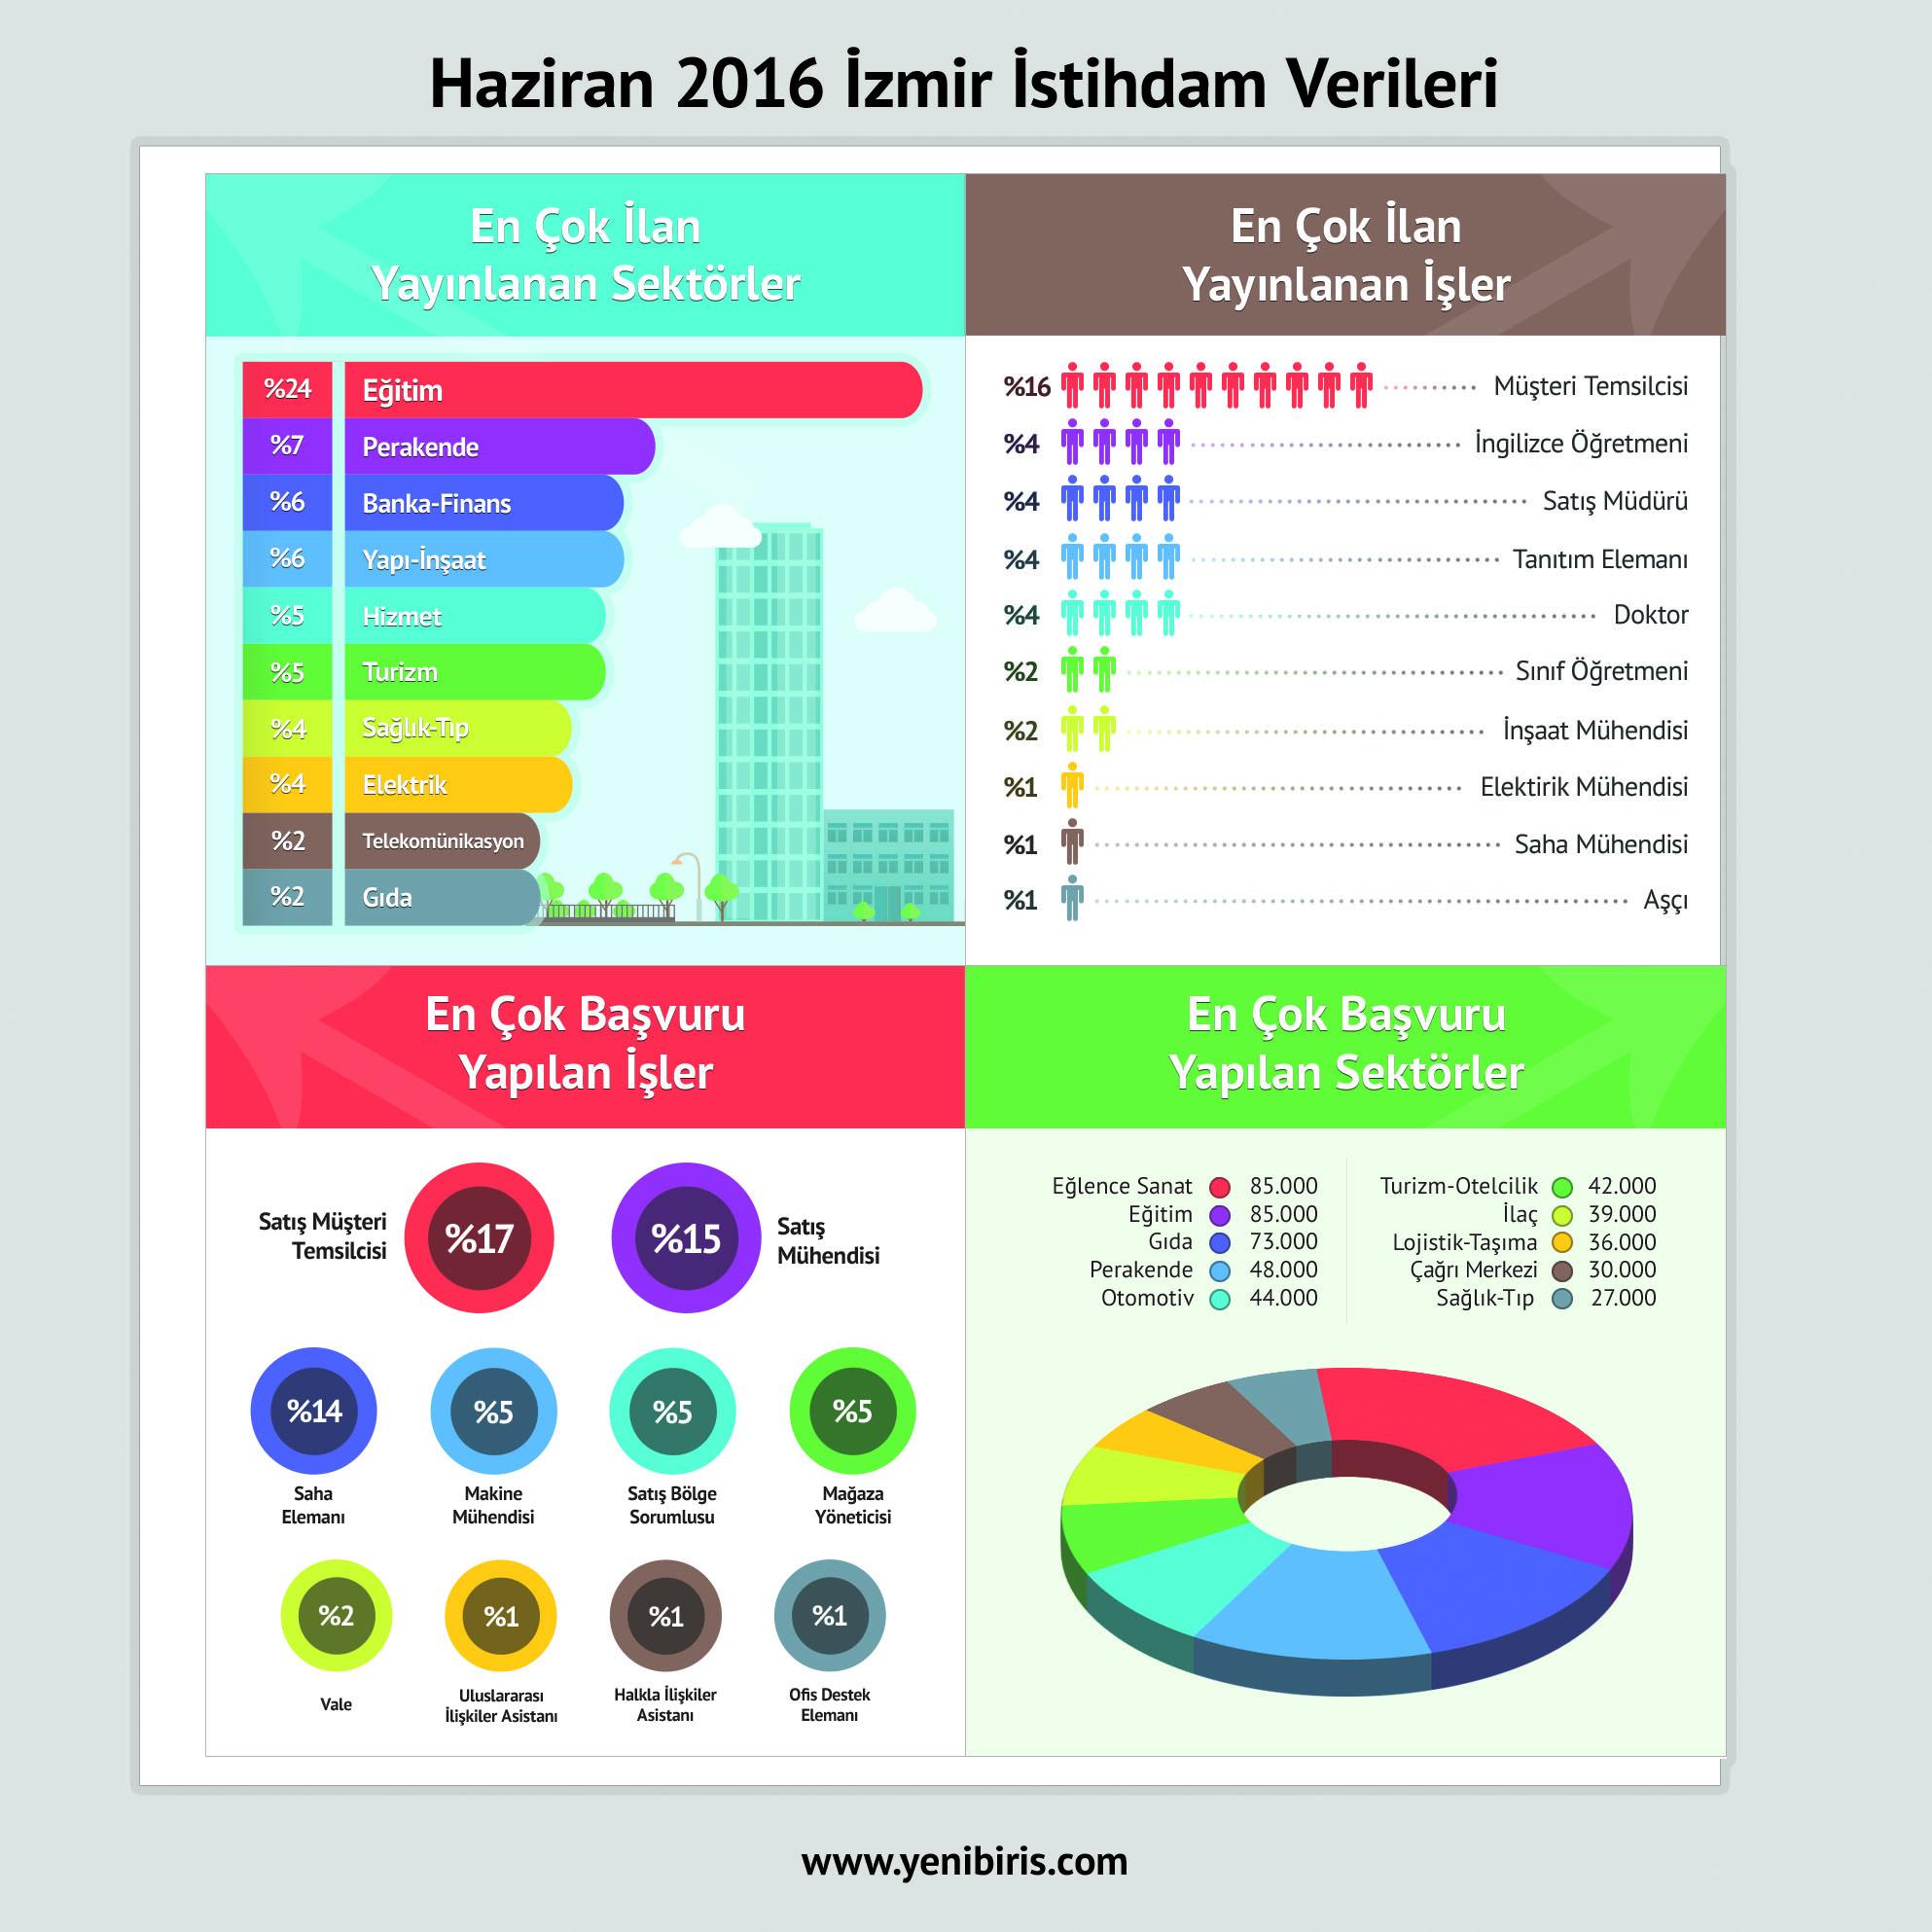 izmir-9-agustos-yenibiris-infografik-3